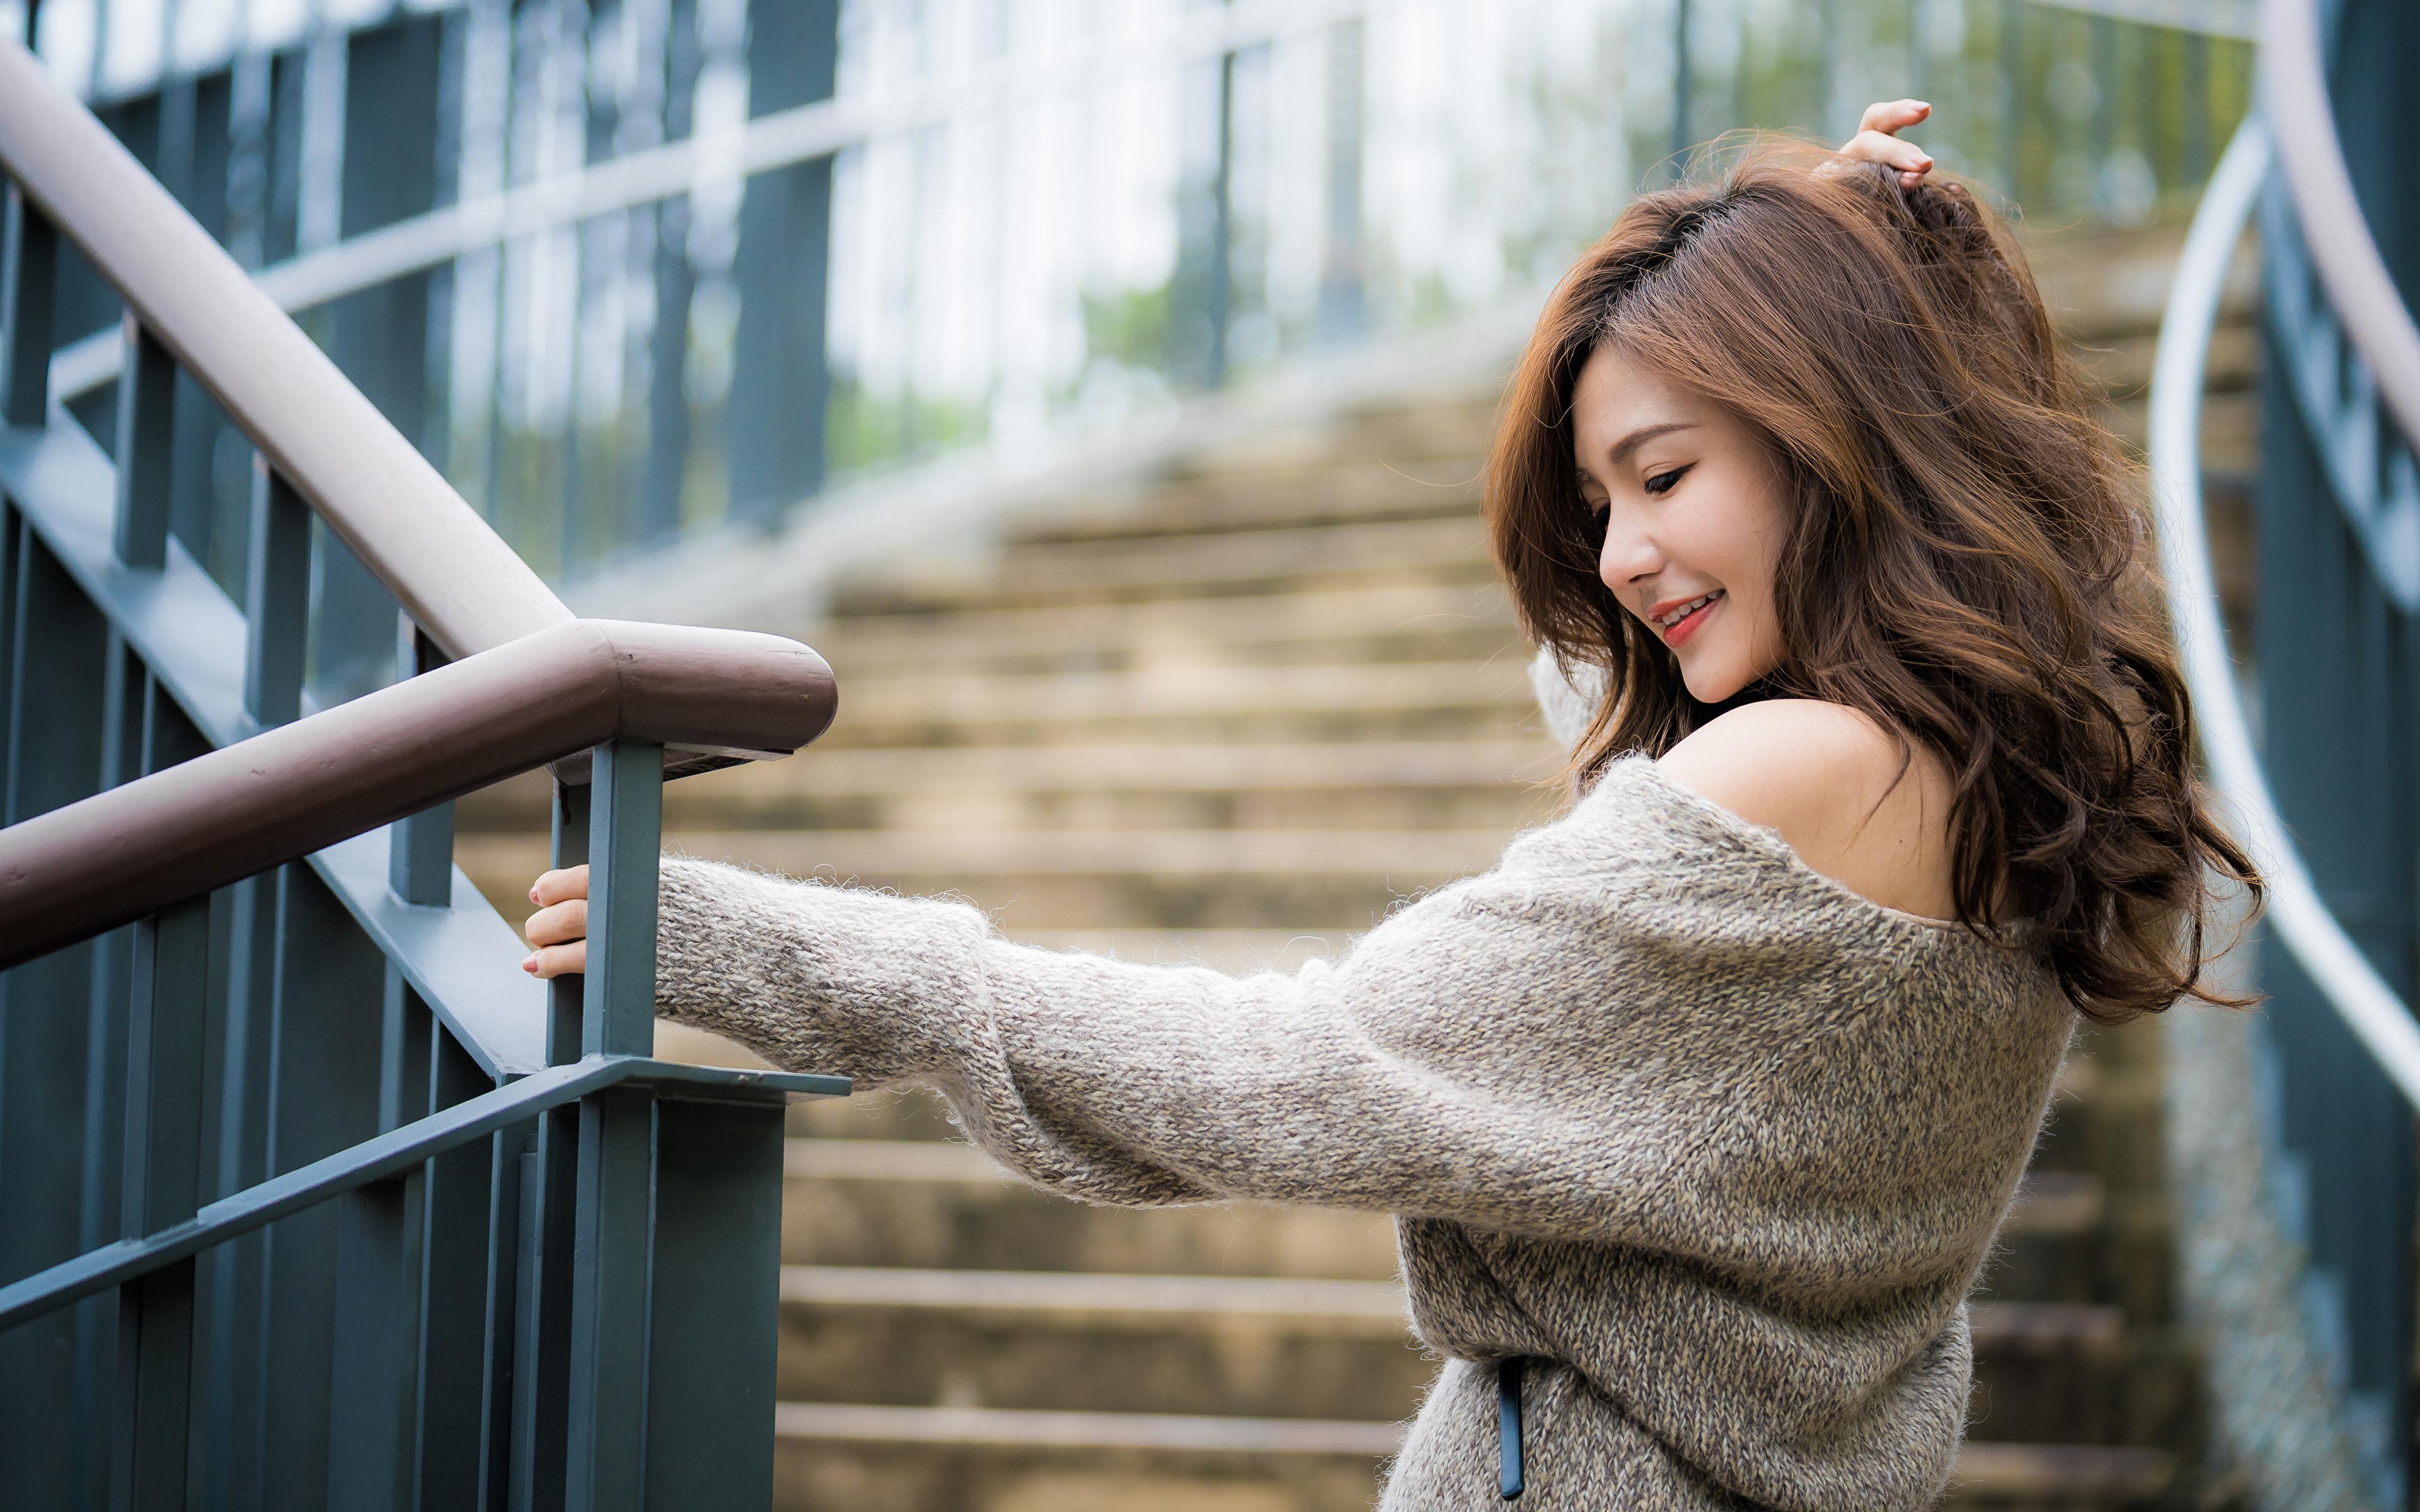 Desktop Hintergrundbilder Braunhaarige Lächeln Bokeh Haar Mädchens Sweatshirt asiatisches 3840x2400 Braune Haare unscharfer Hintergrund junge frau junge Frauen Asiaten Asiatische